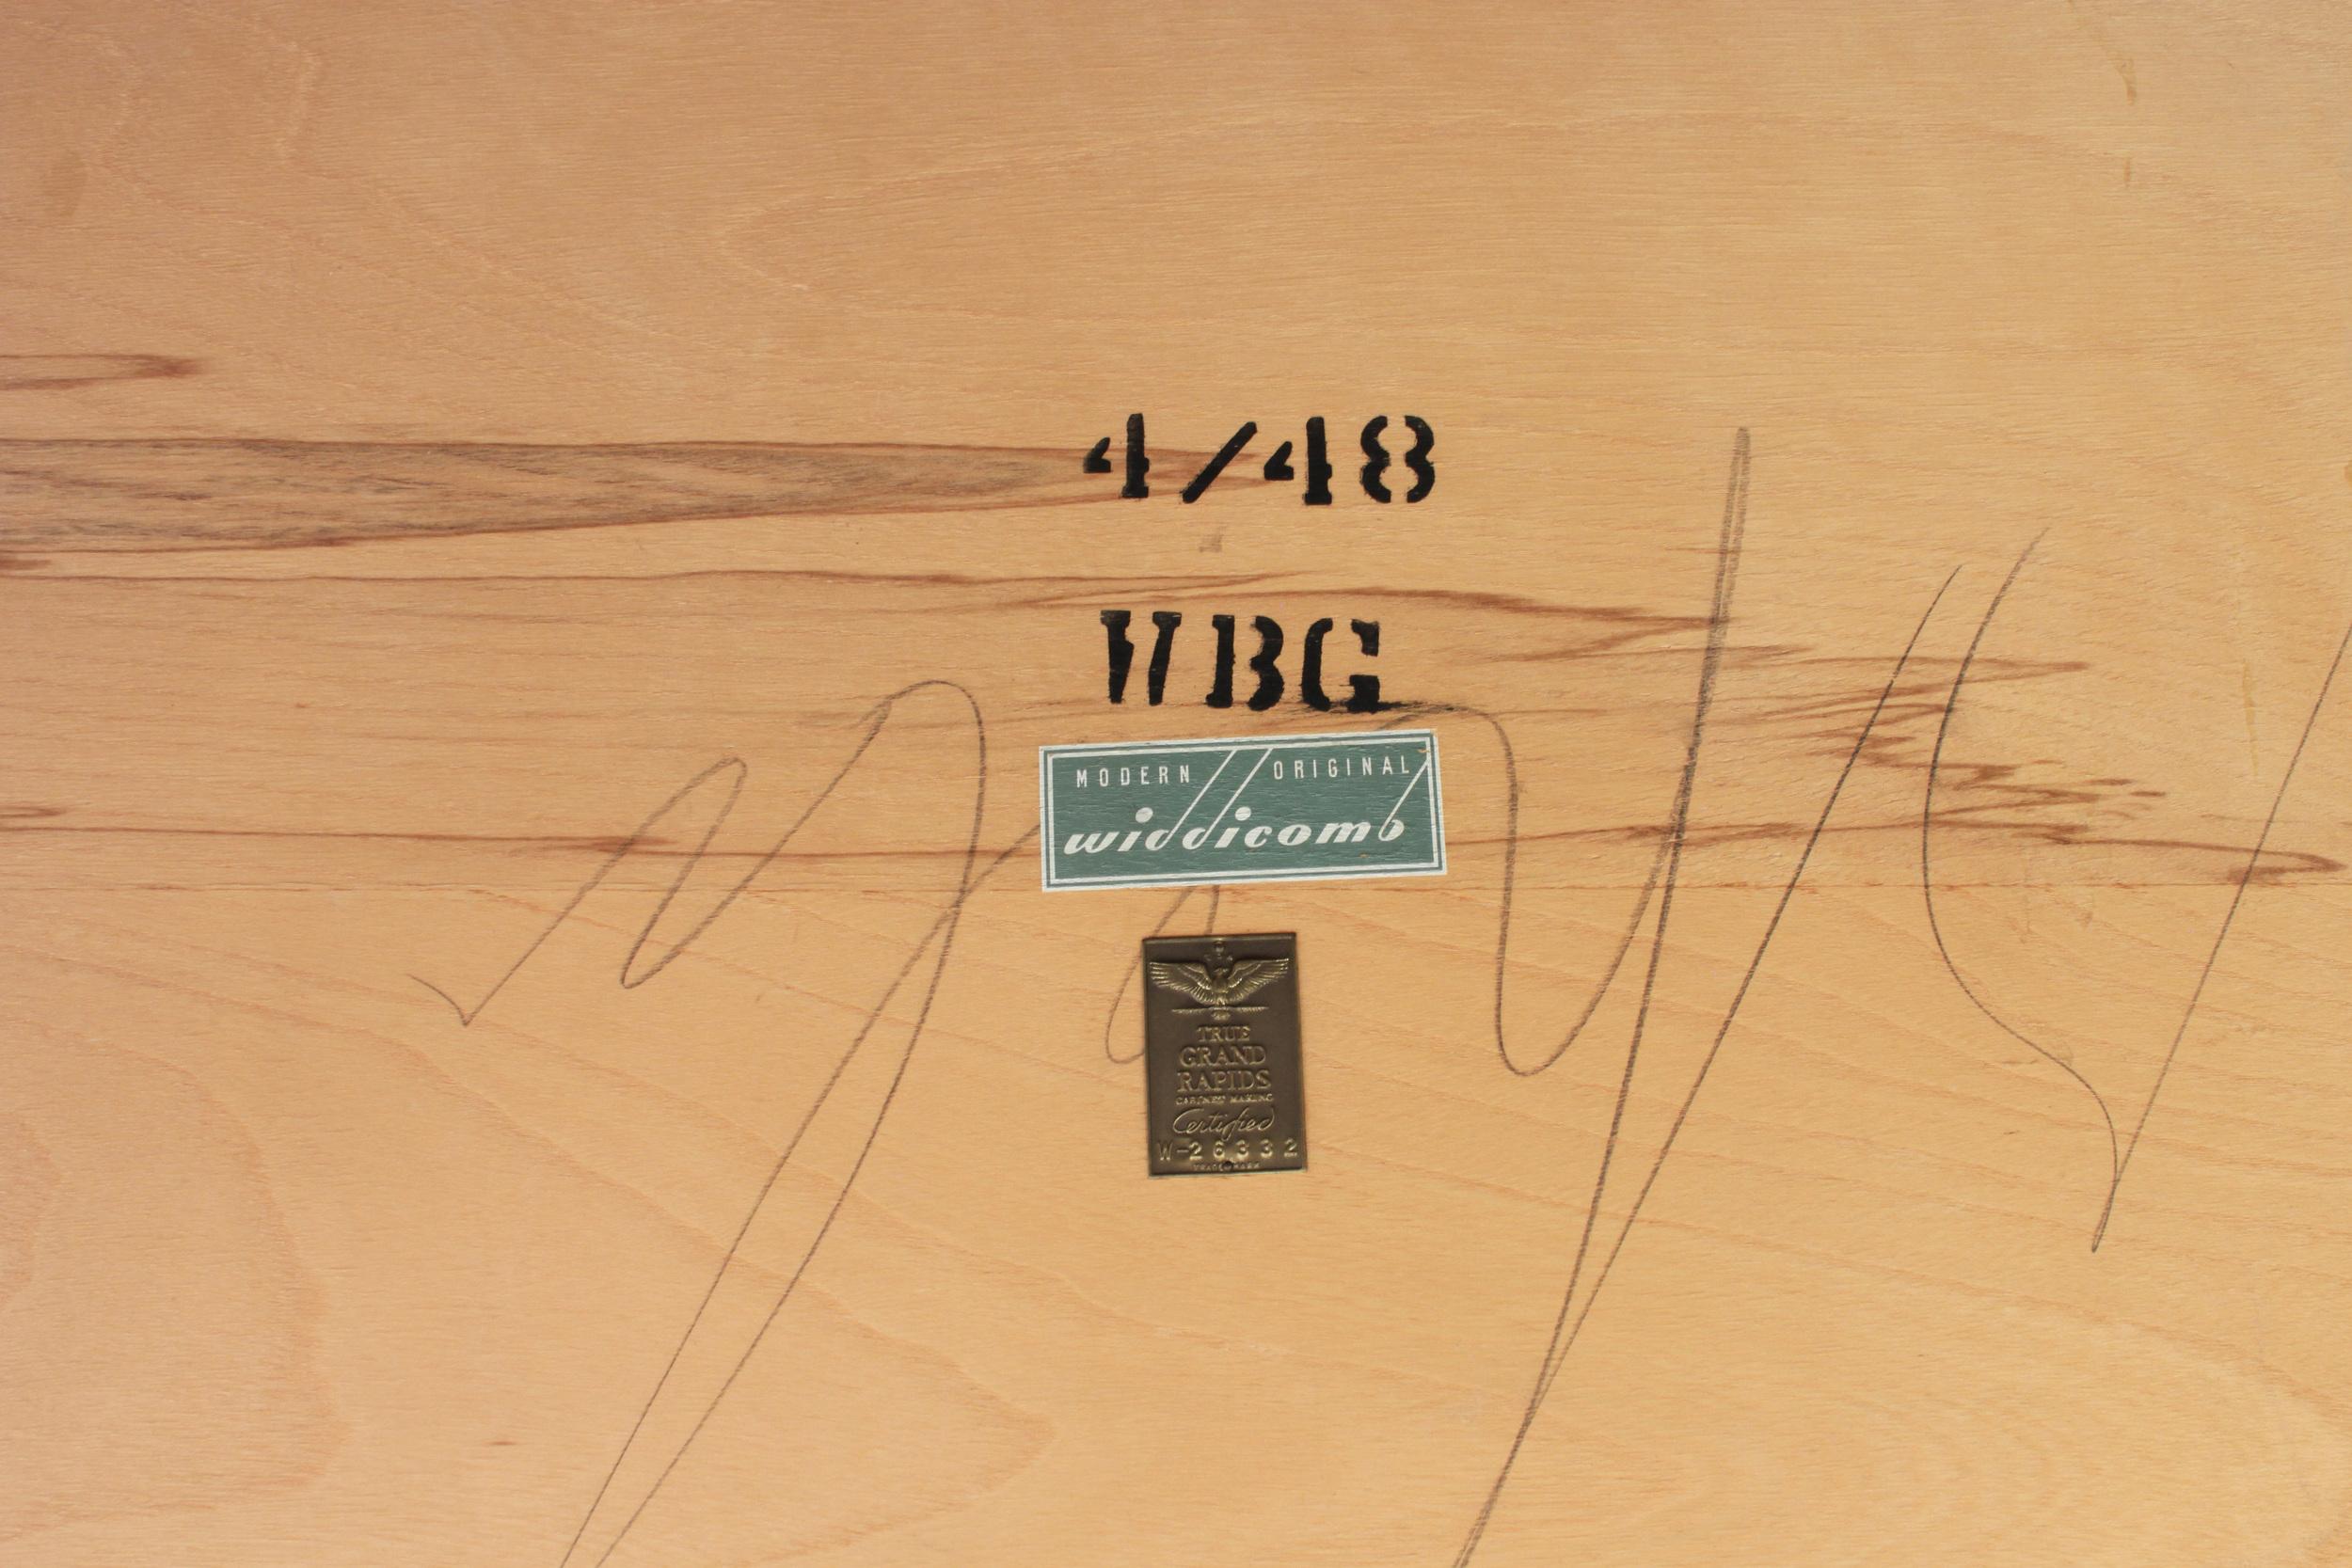 Gibbings 55 square blchd walnut coffeetable45 hires detail 4.jpg